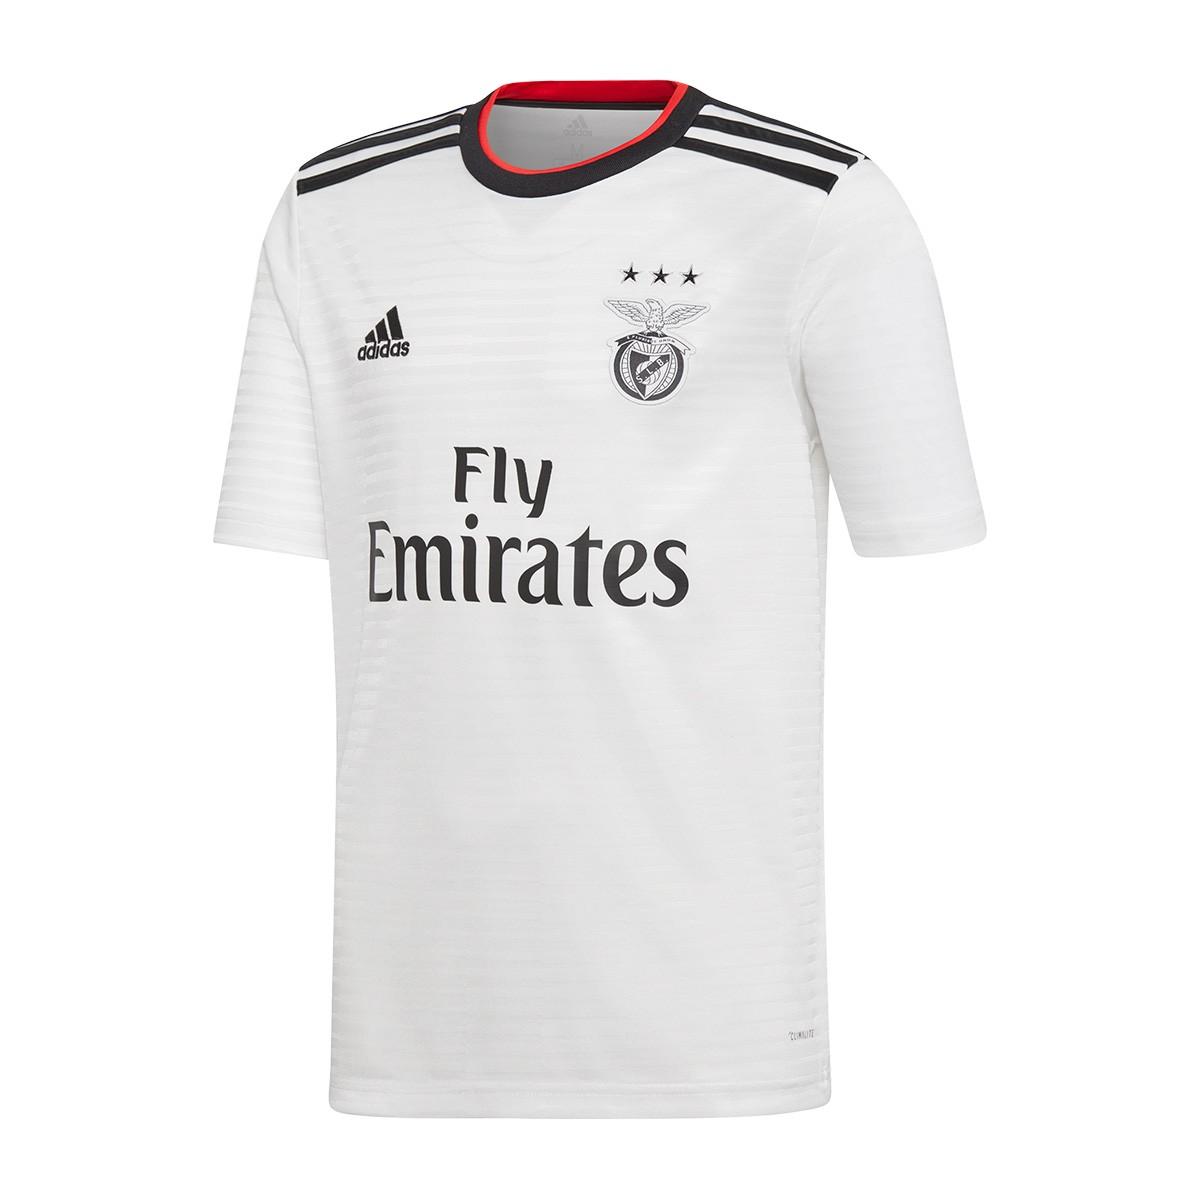 Jersey adidas Kids SL Benfica 2018-2019 Away White-Black-Benfica red ... 6bea091bd